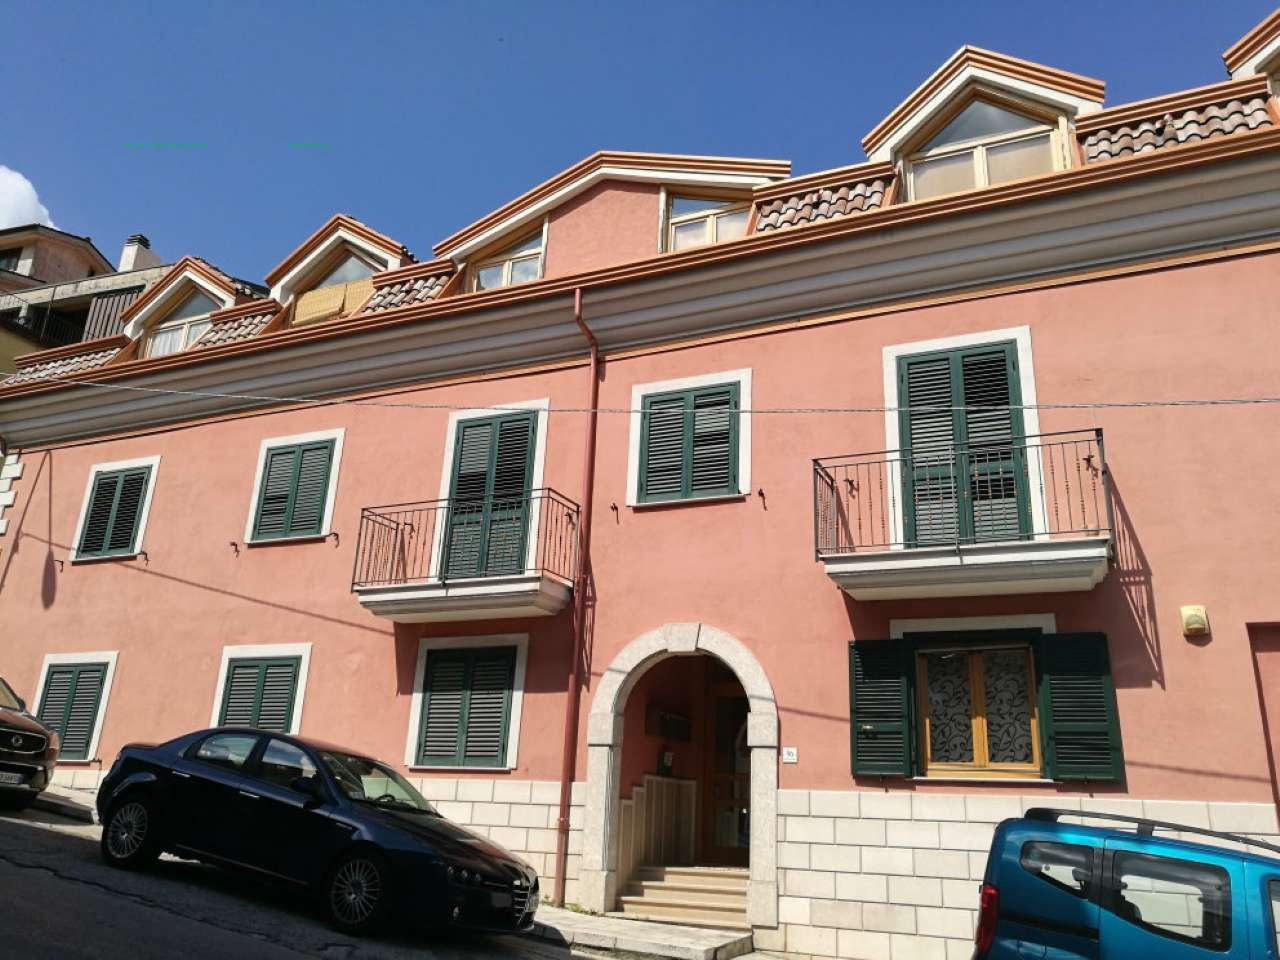 Appartamento quadrilocale in vendita a Monteforte Irpino (AV)